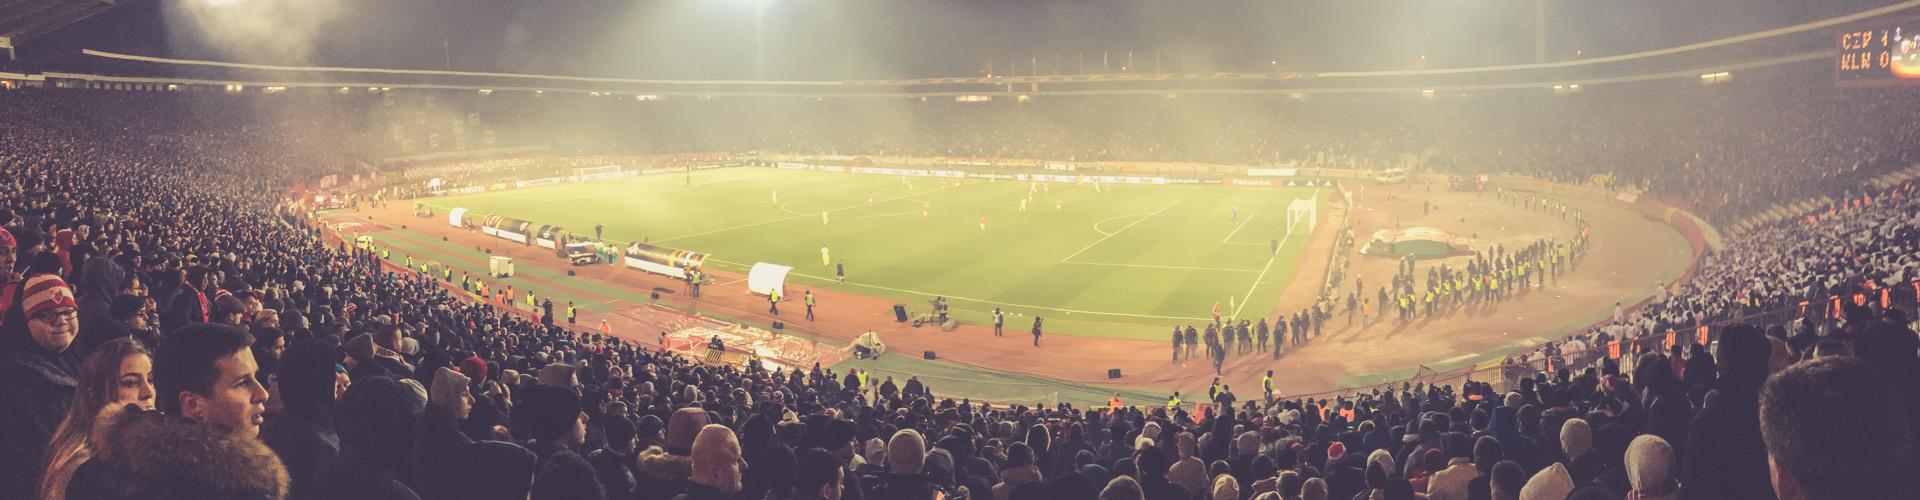 Stadion Rajko Mitić, Roter Stern Belgrad